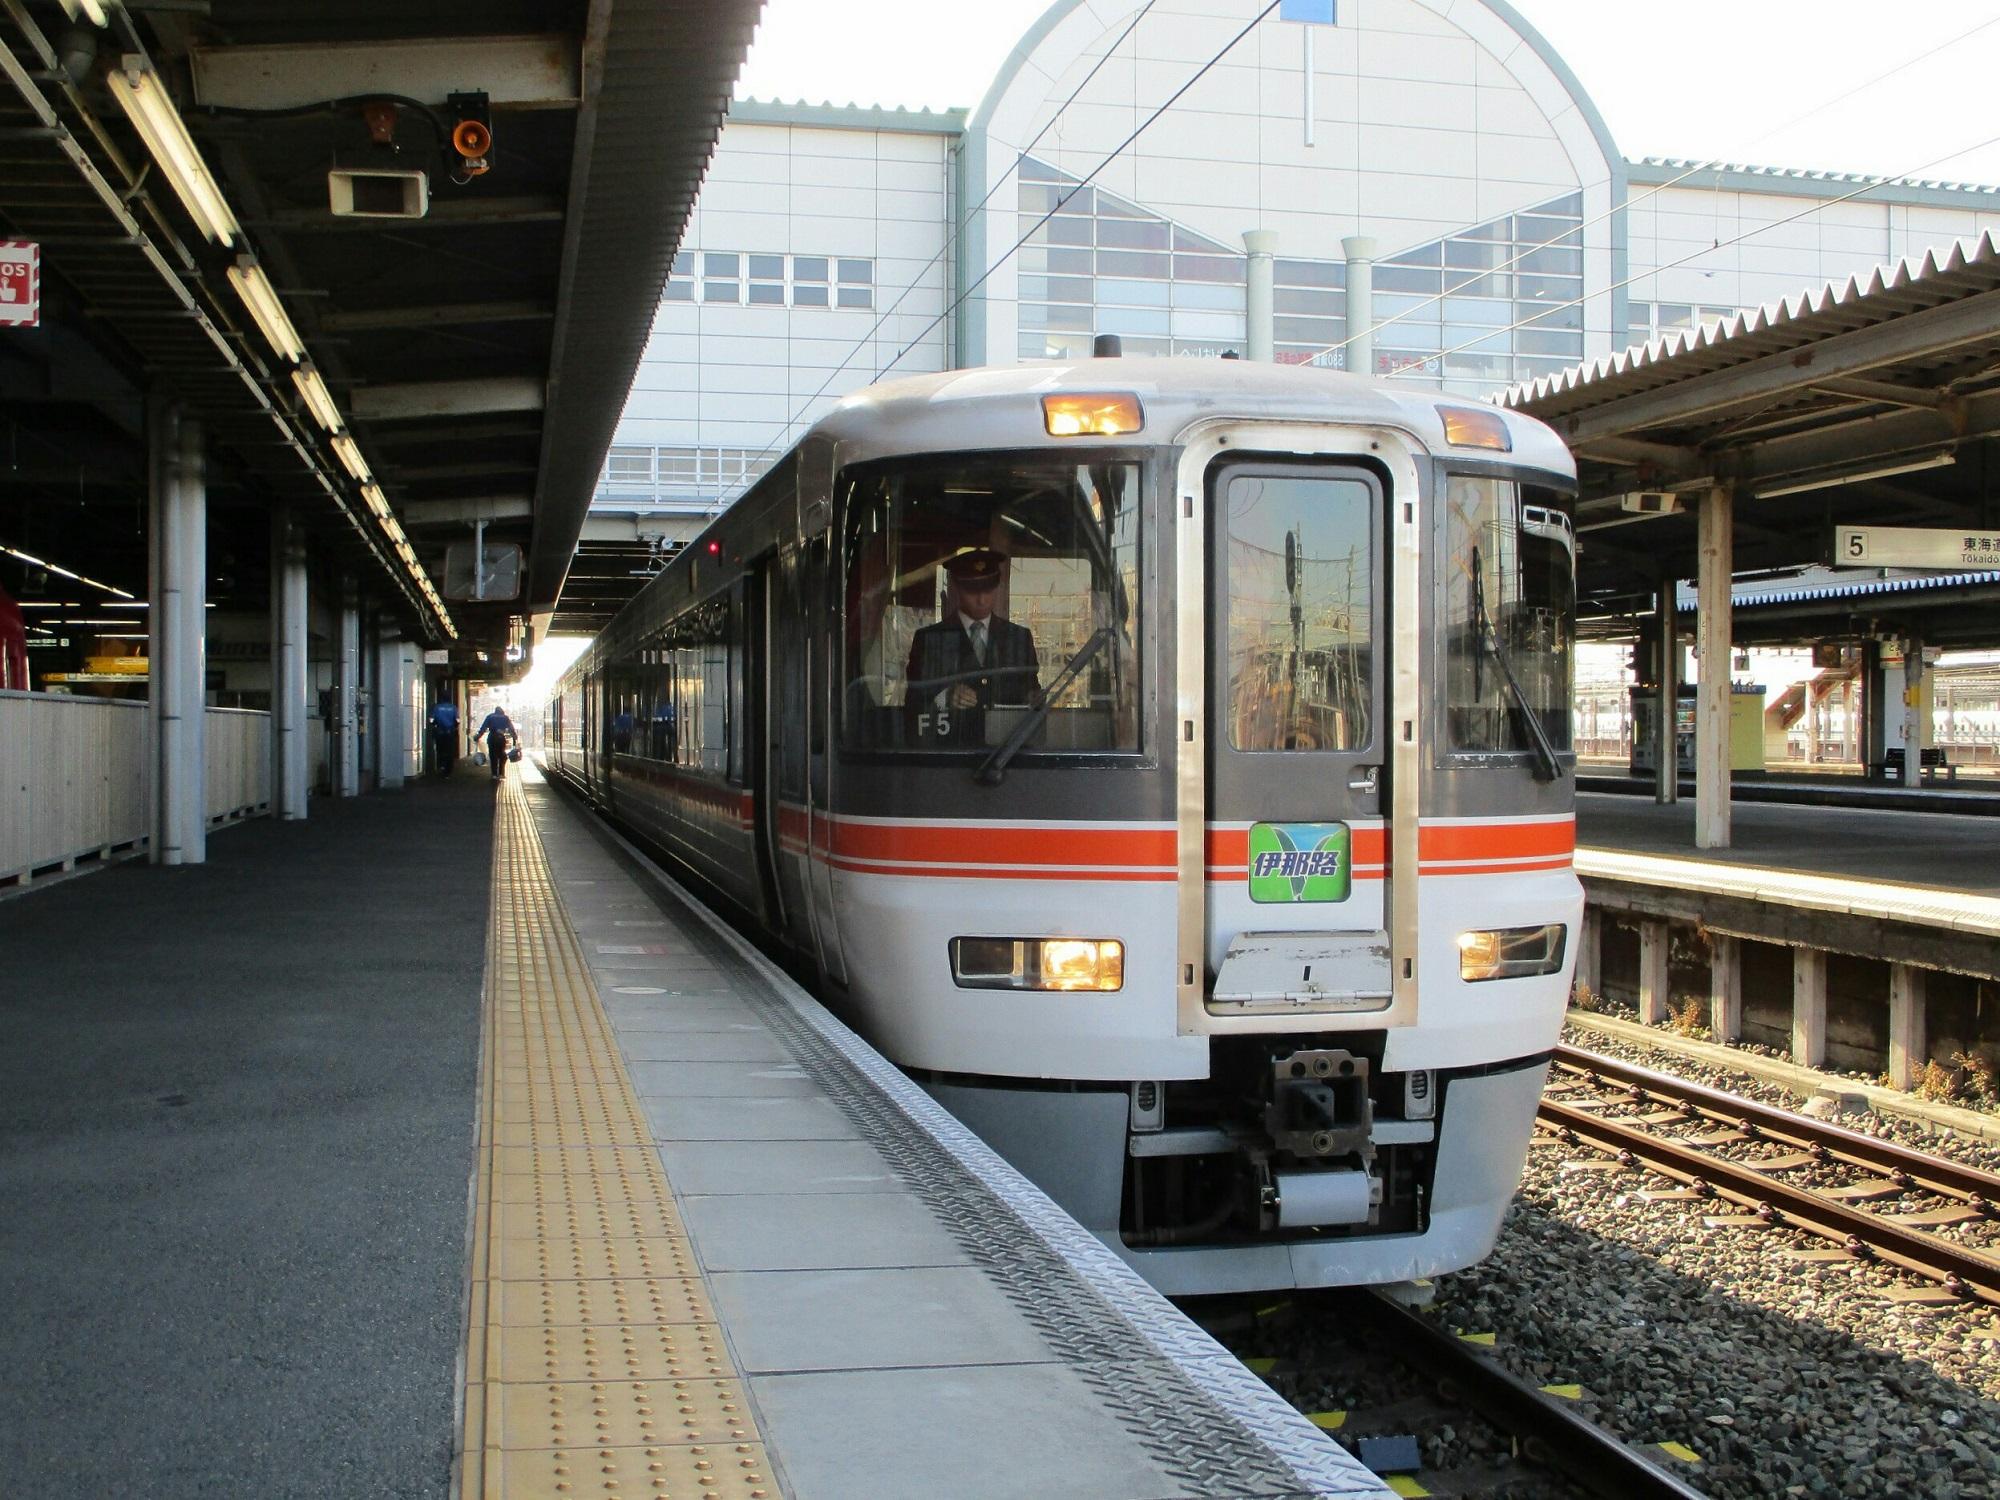 2019.1.24 (4) 豊橋 - 飯田いき特急伊那路 2000-1500